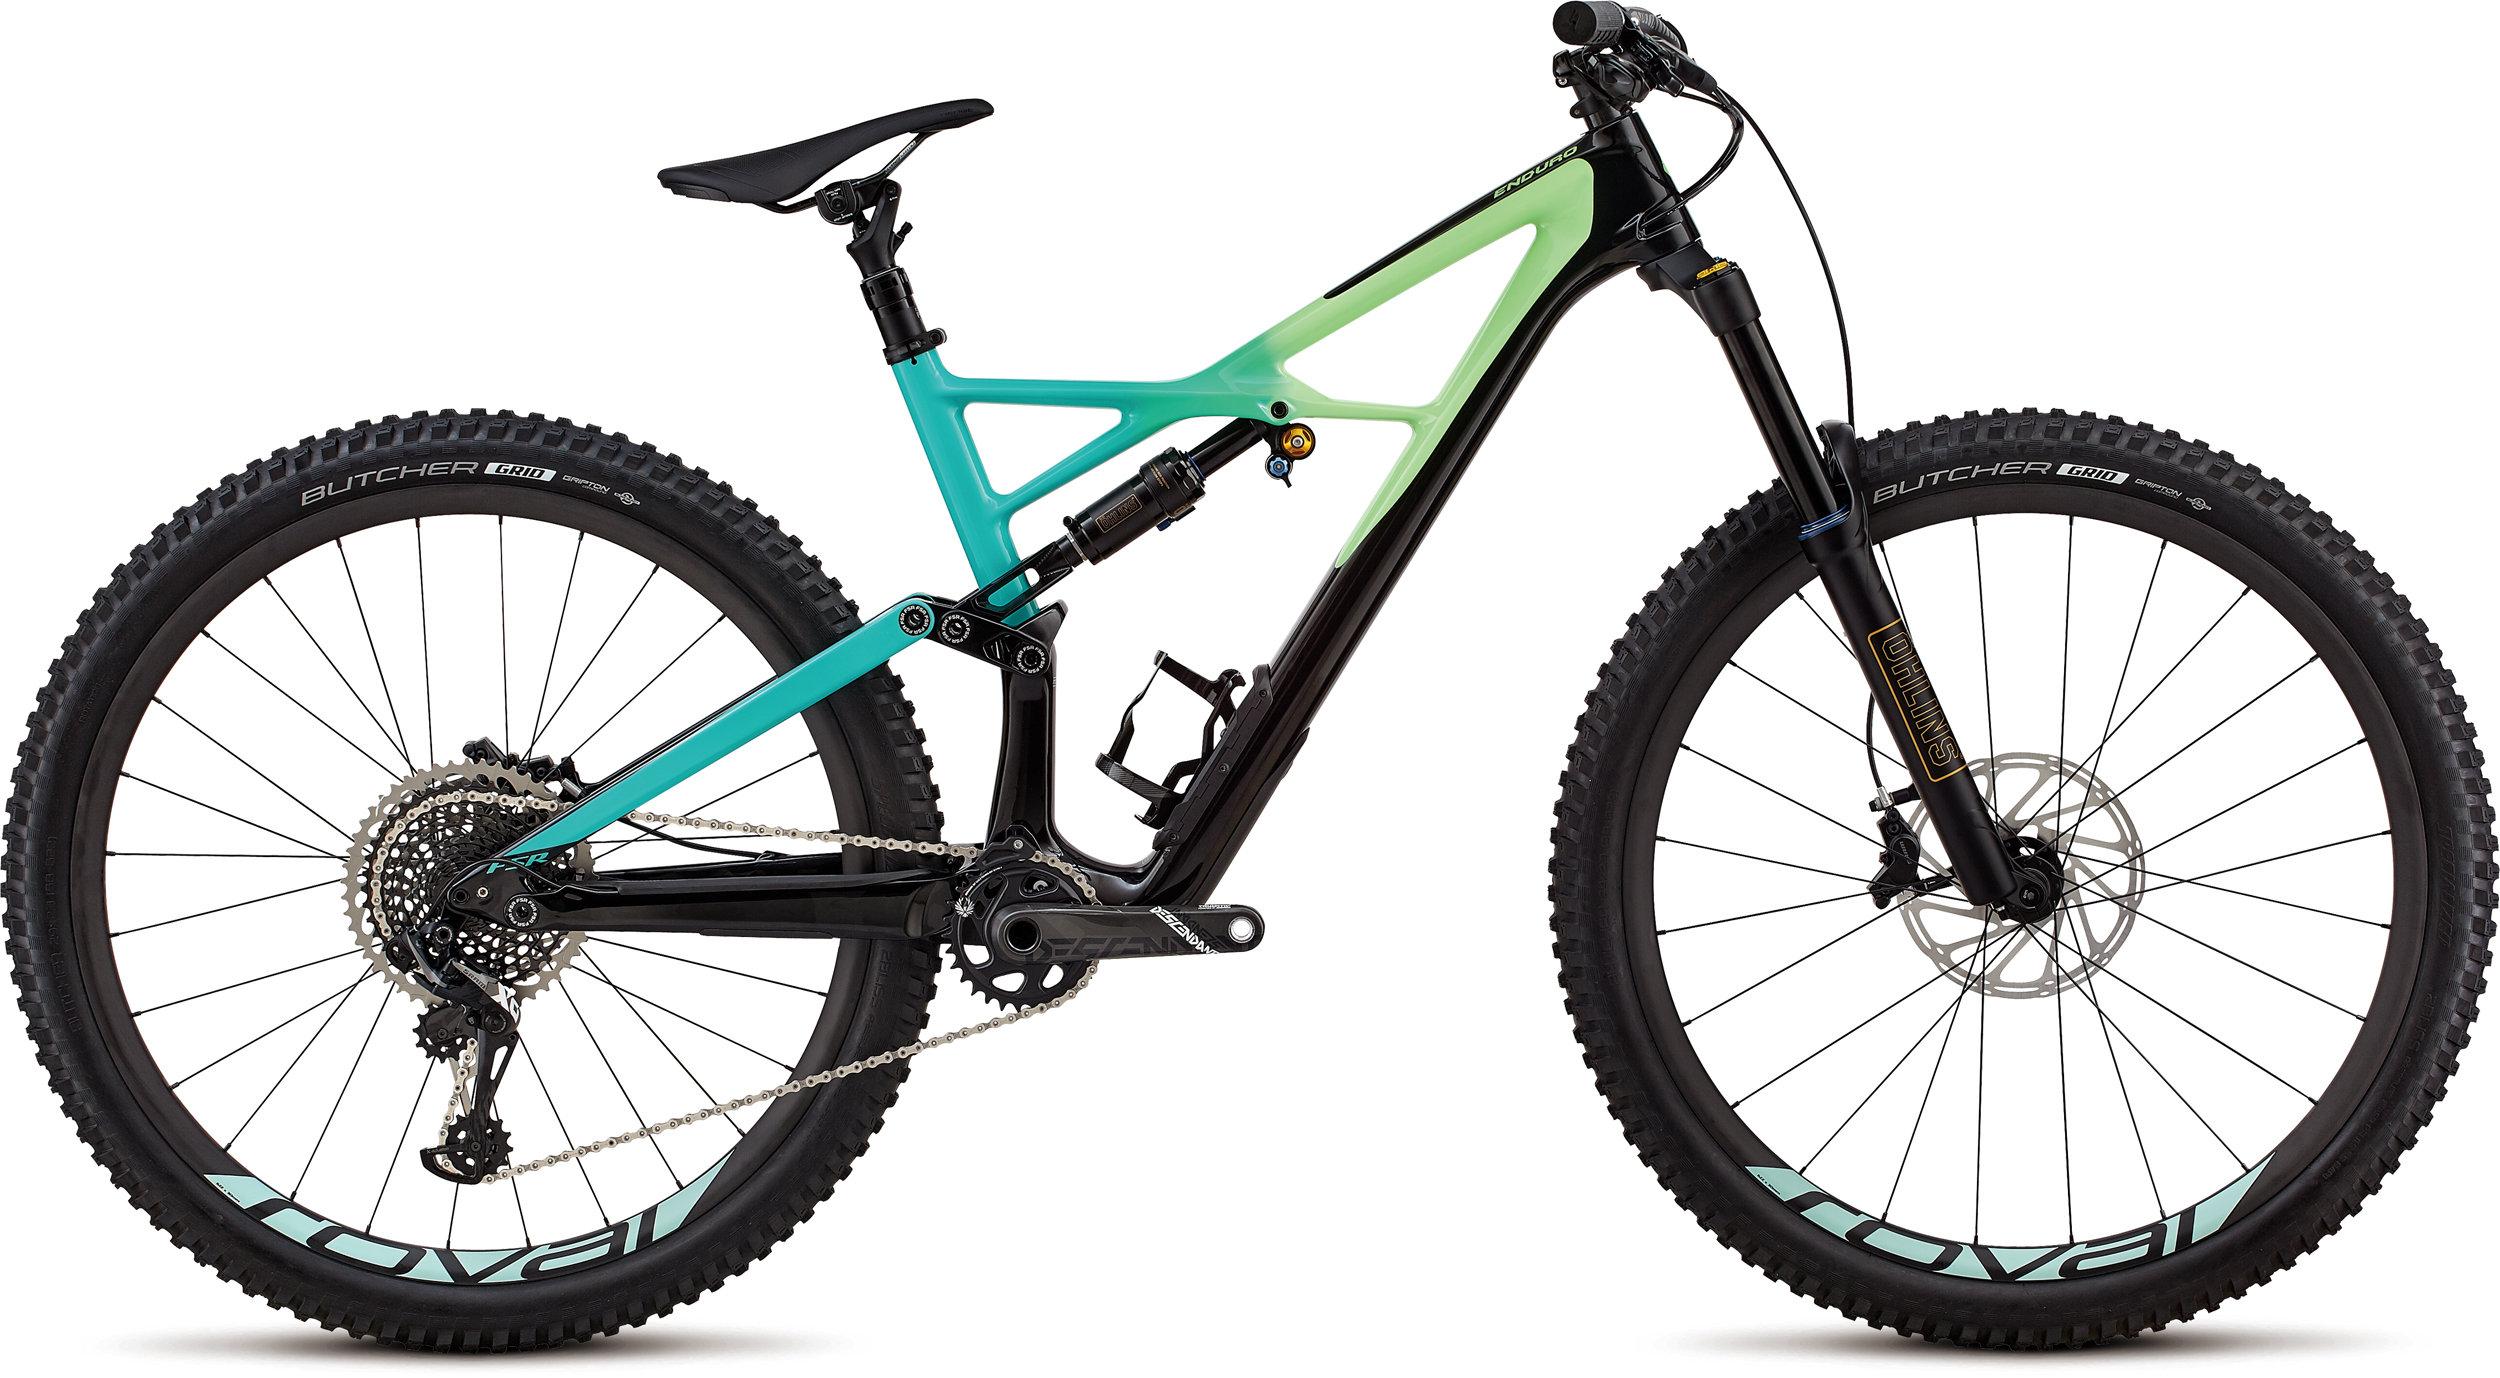 Specialized Enduro Pro 29/6Fattie GLOSS BLACK / CALI FADE / CHARCOAL L - Alpha Bikes